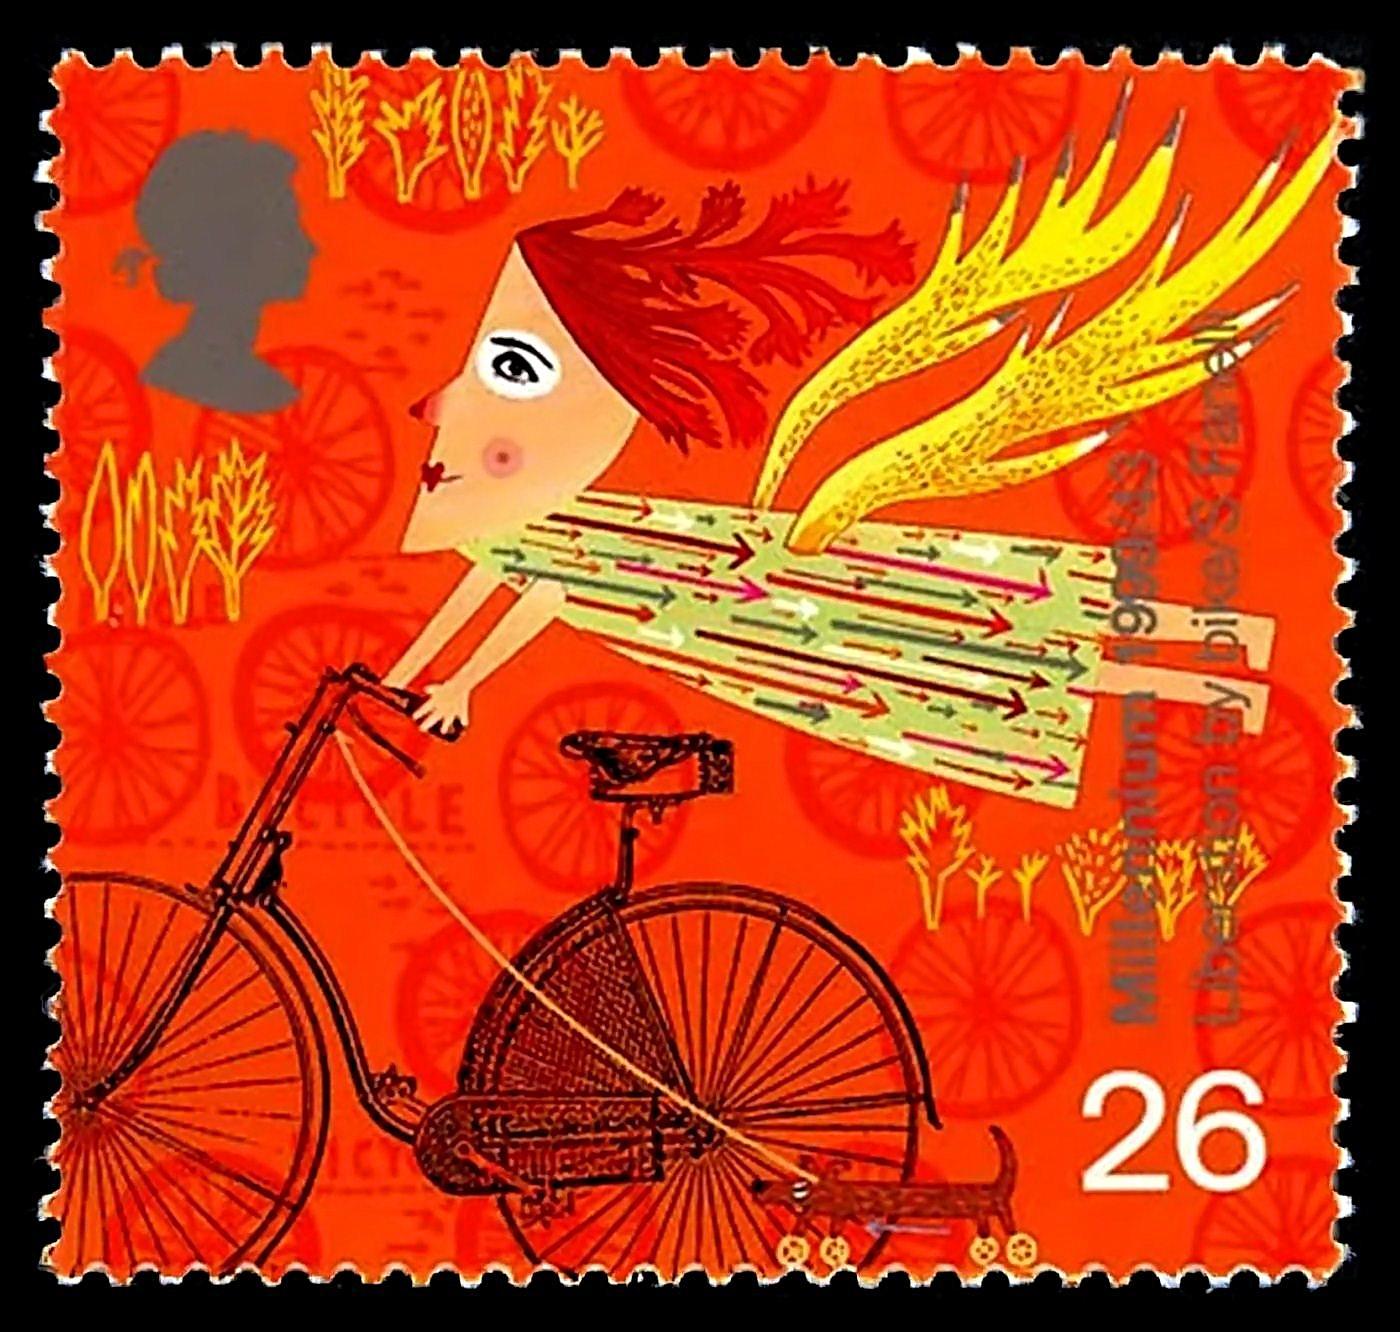 Liberation by bike